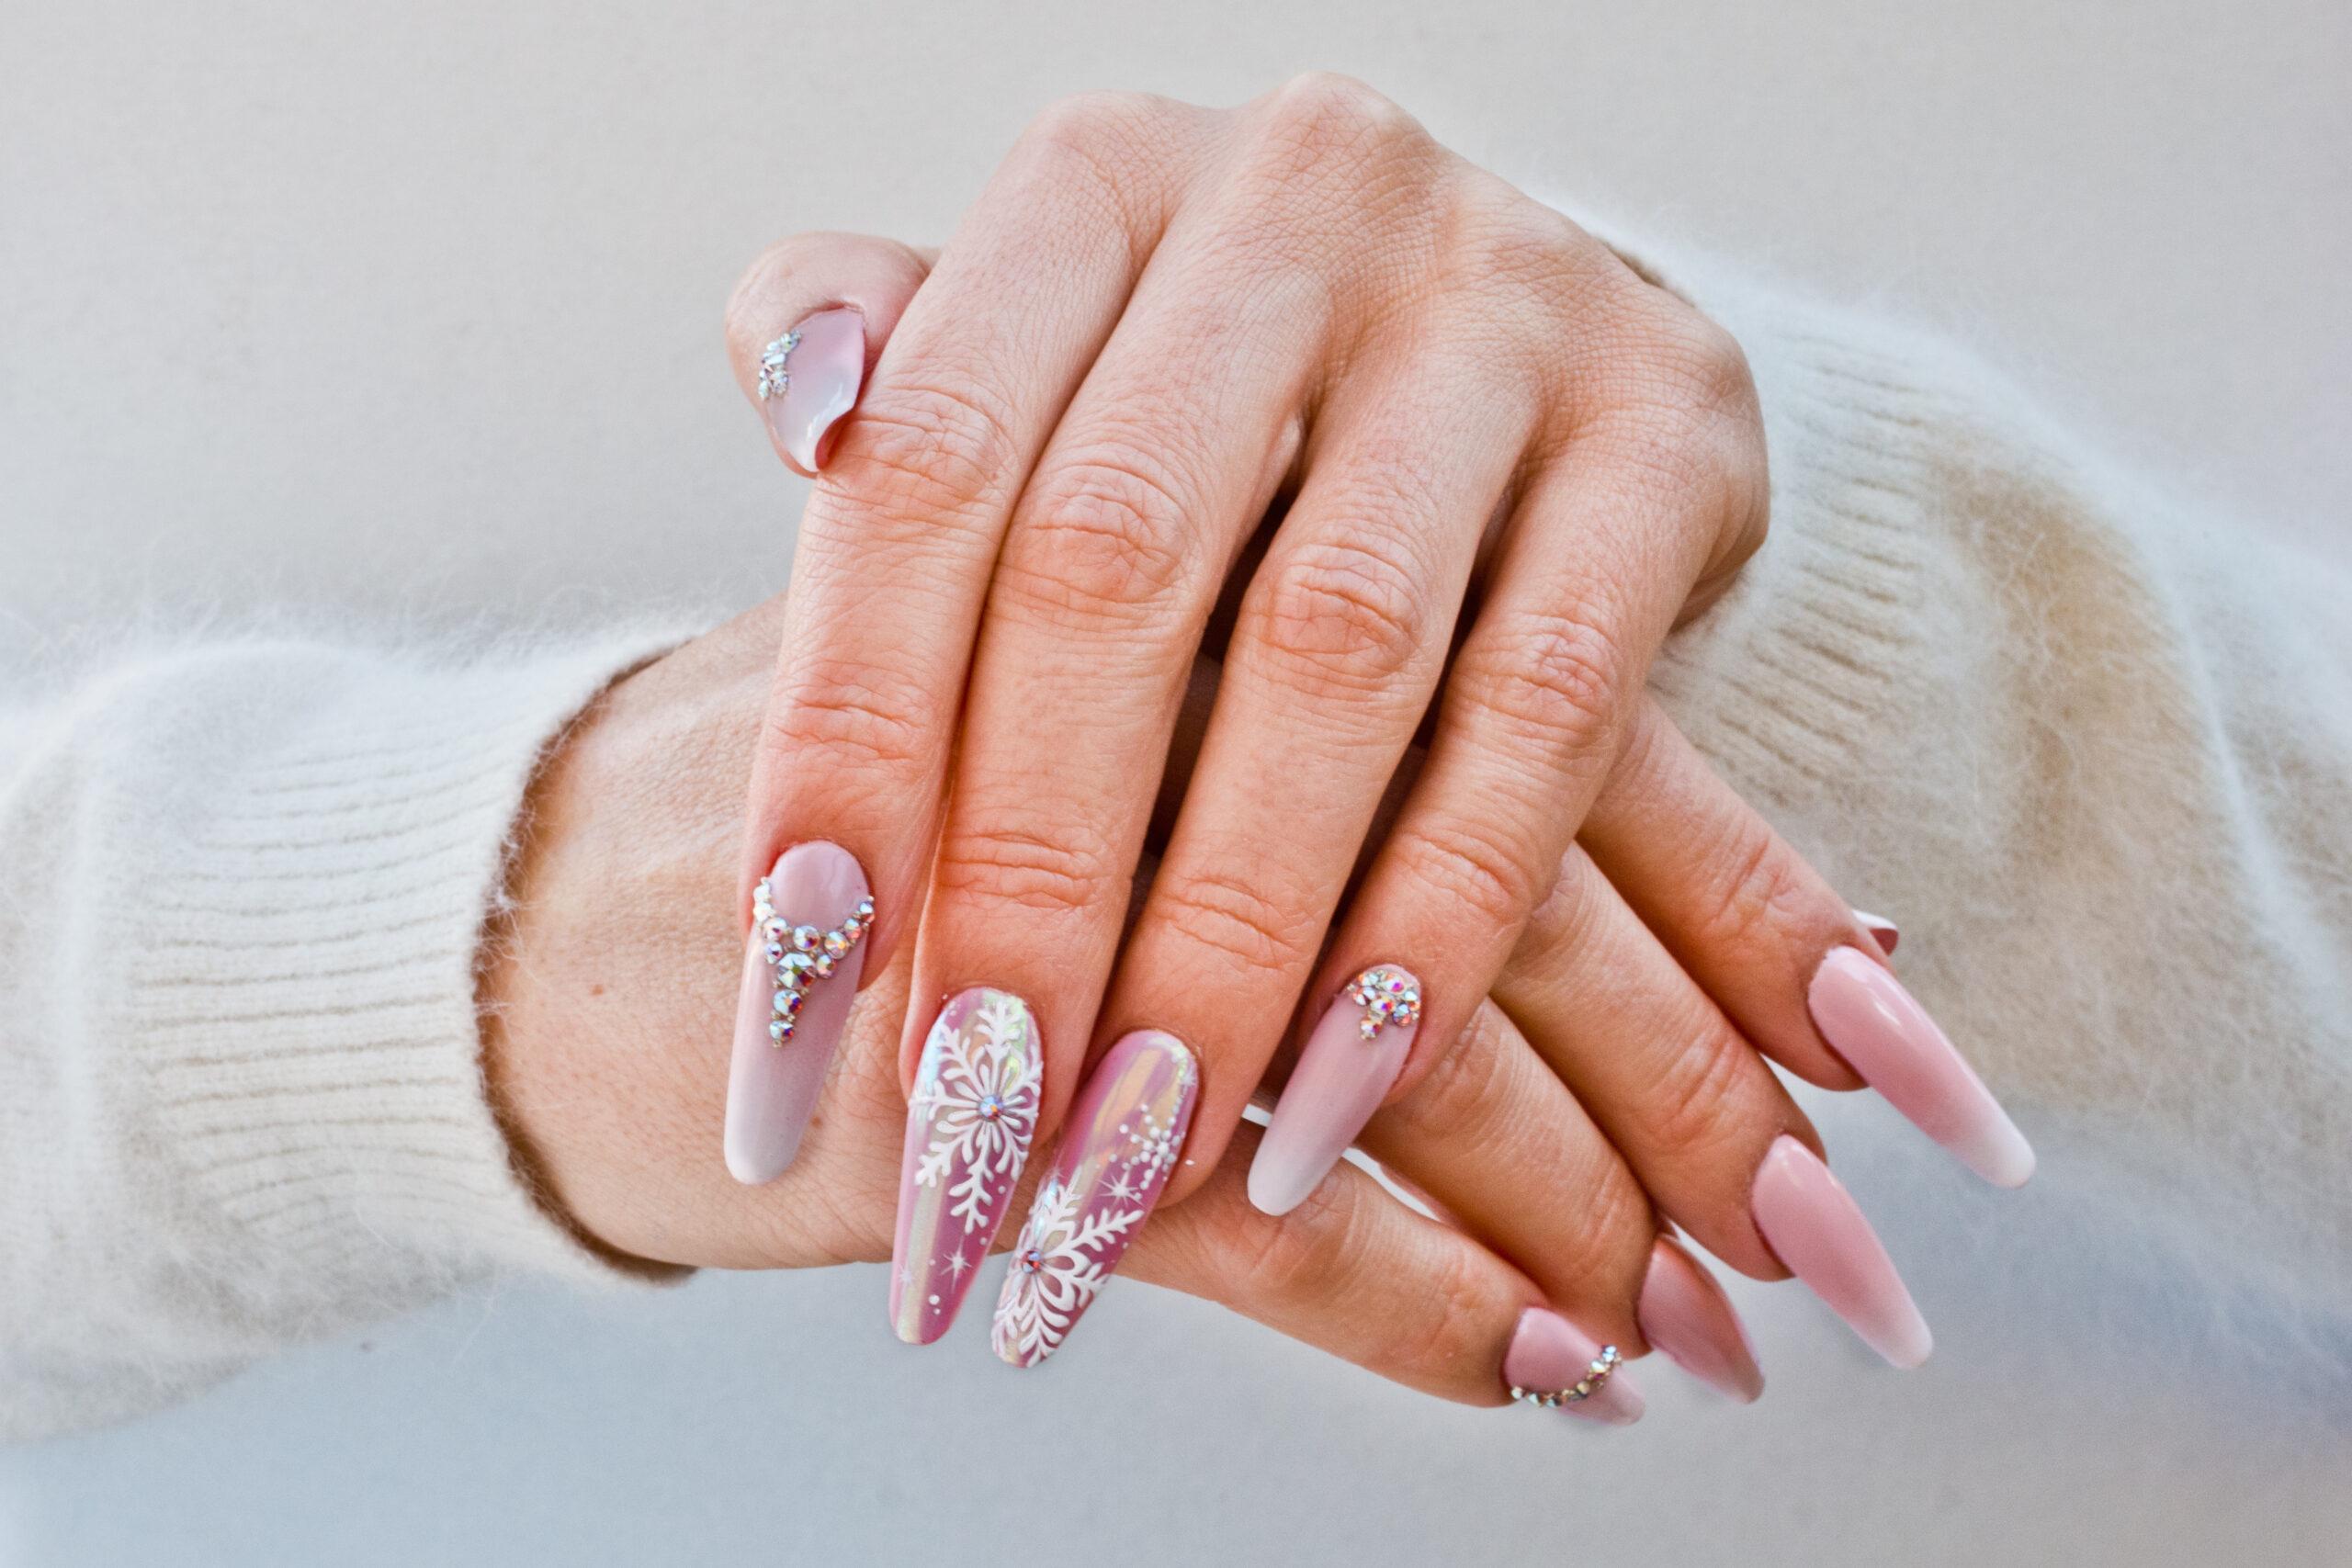 różowy manicure ślubny w świąteczne wzory